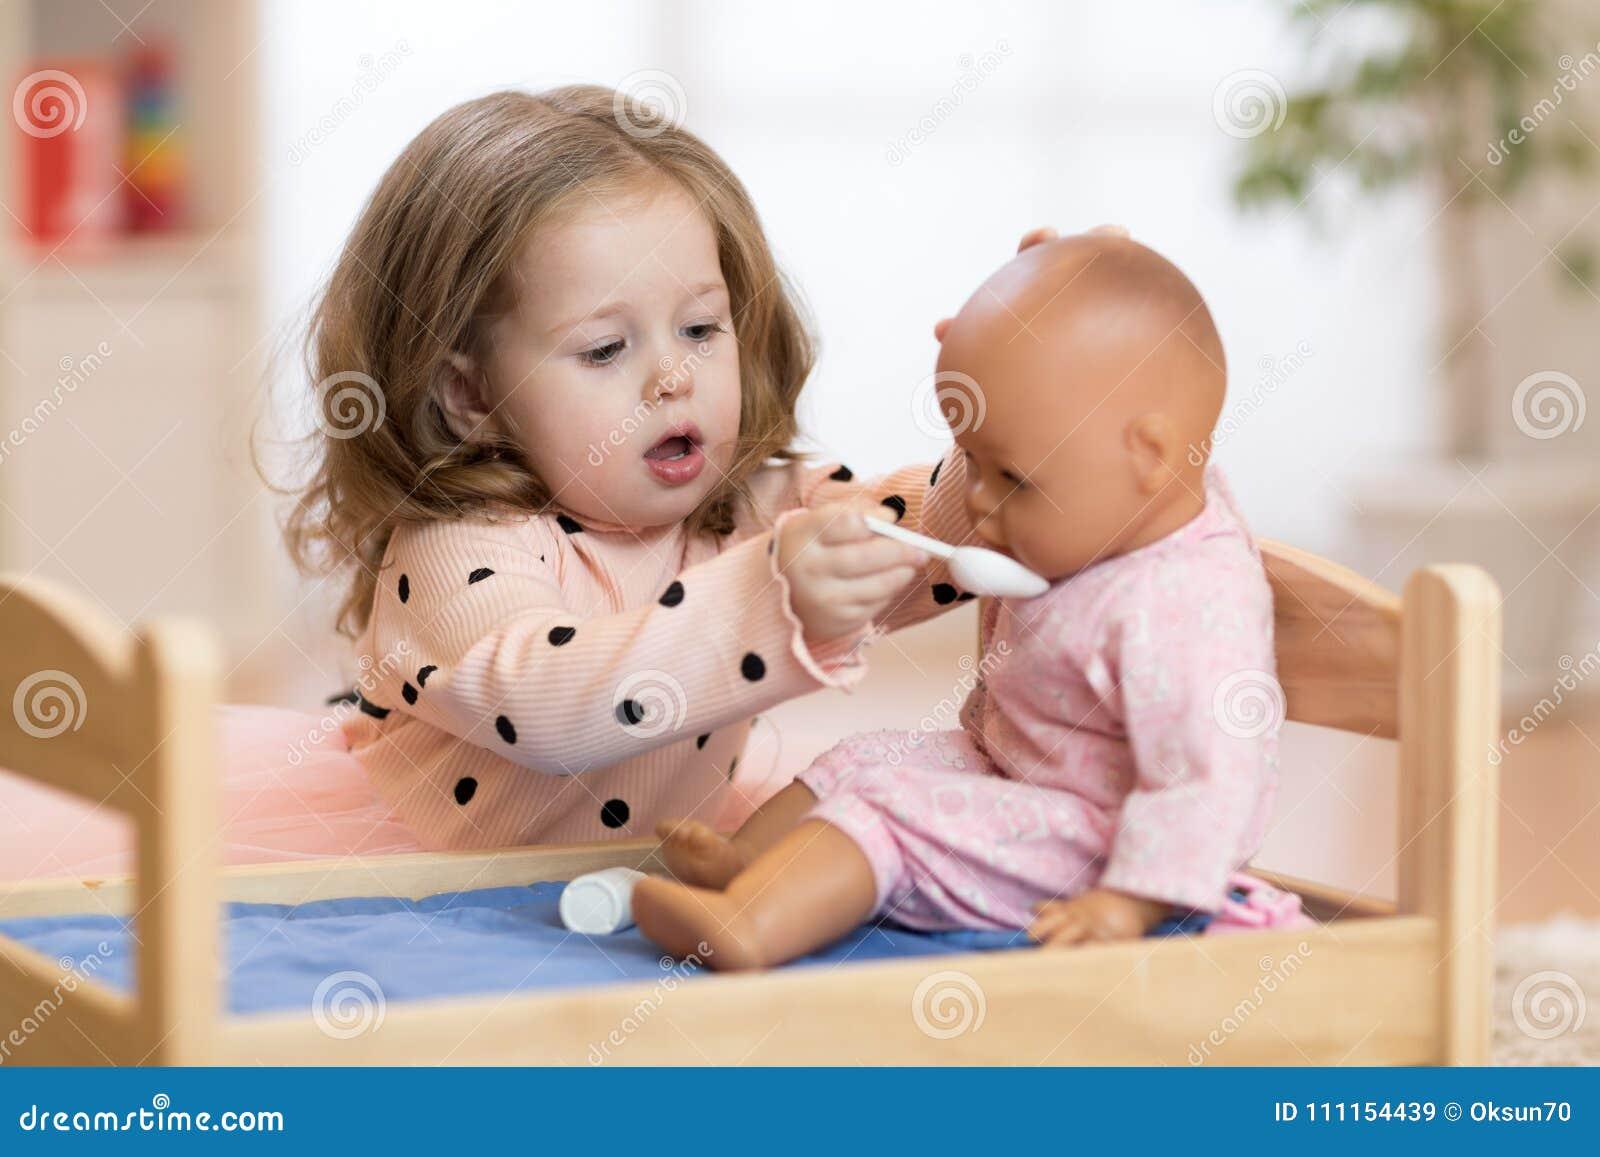 Kind im Kindergarten Kind im Kindergarten Kleines Kleinkind, das mit Puppe spielt